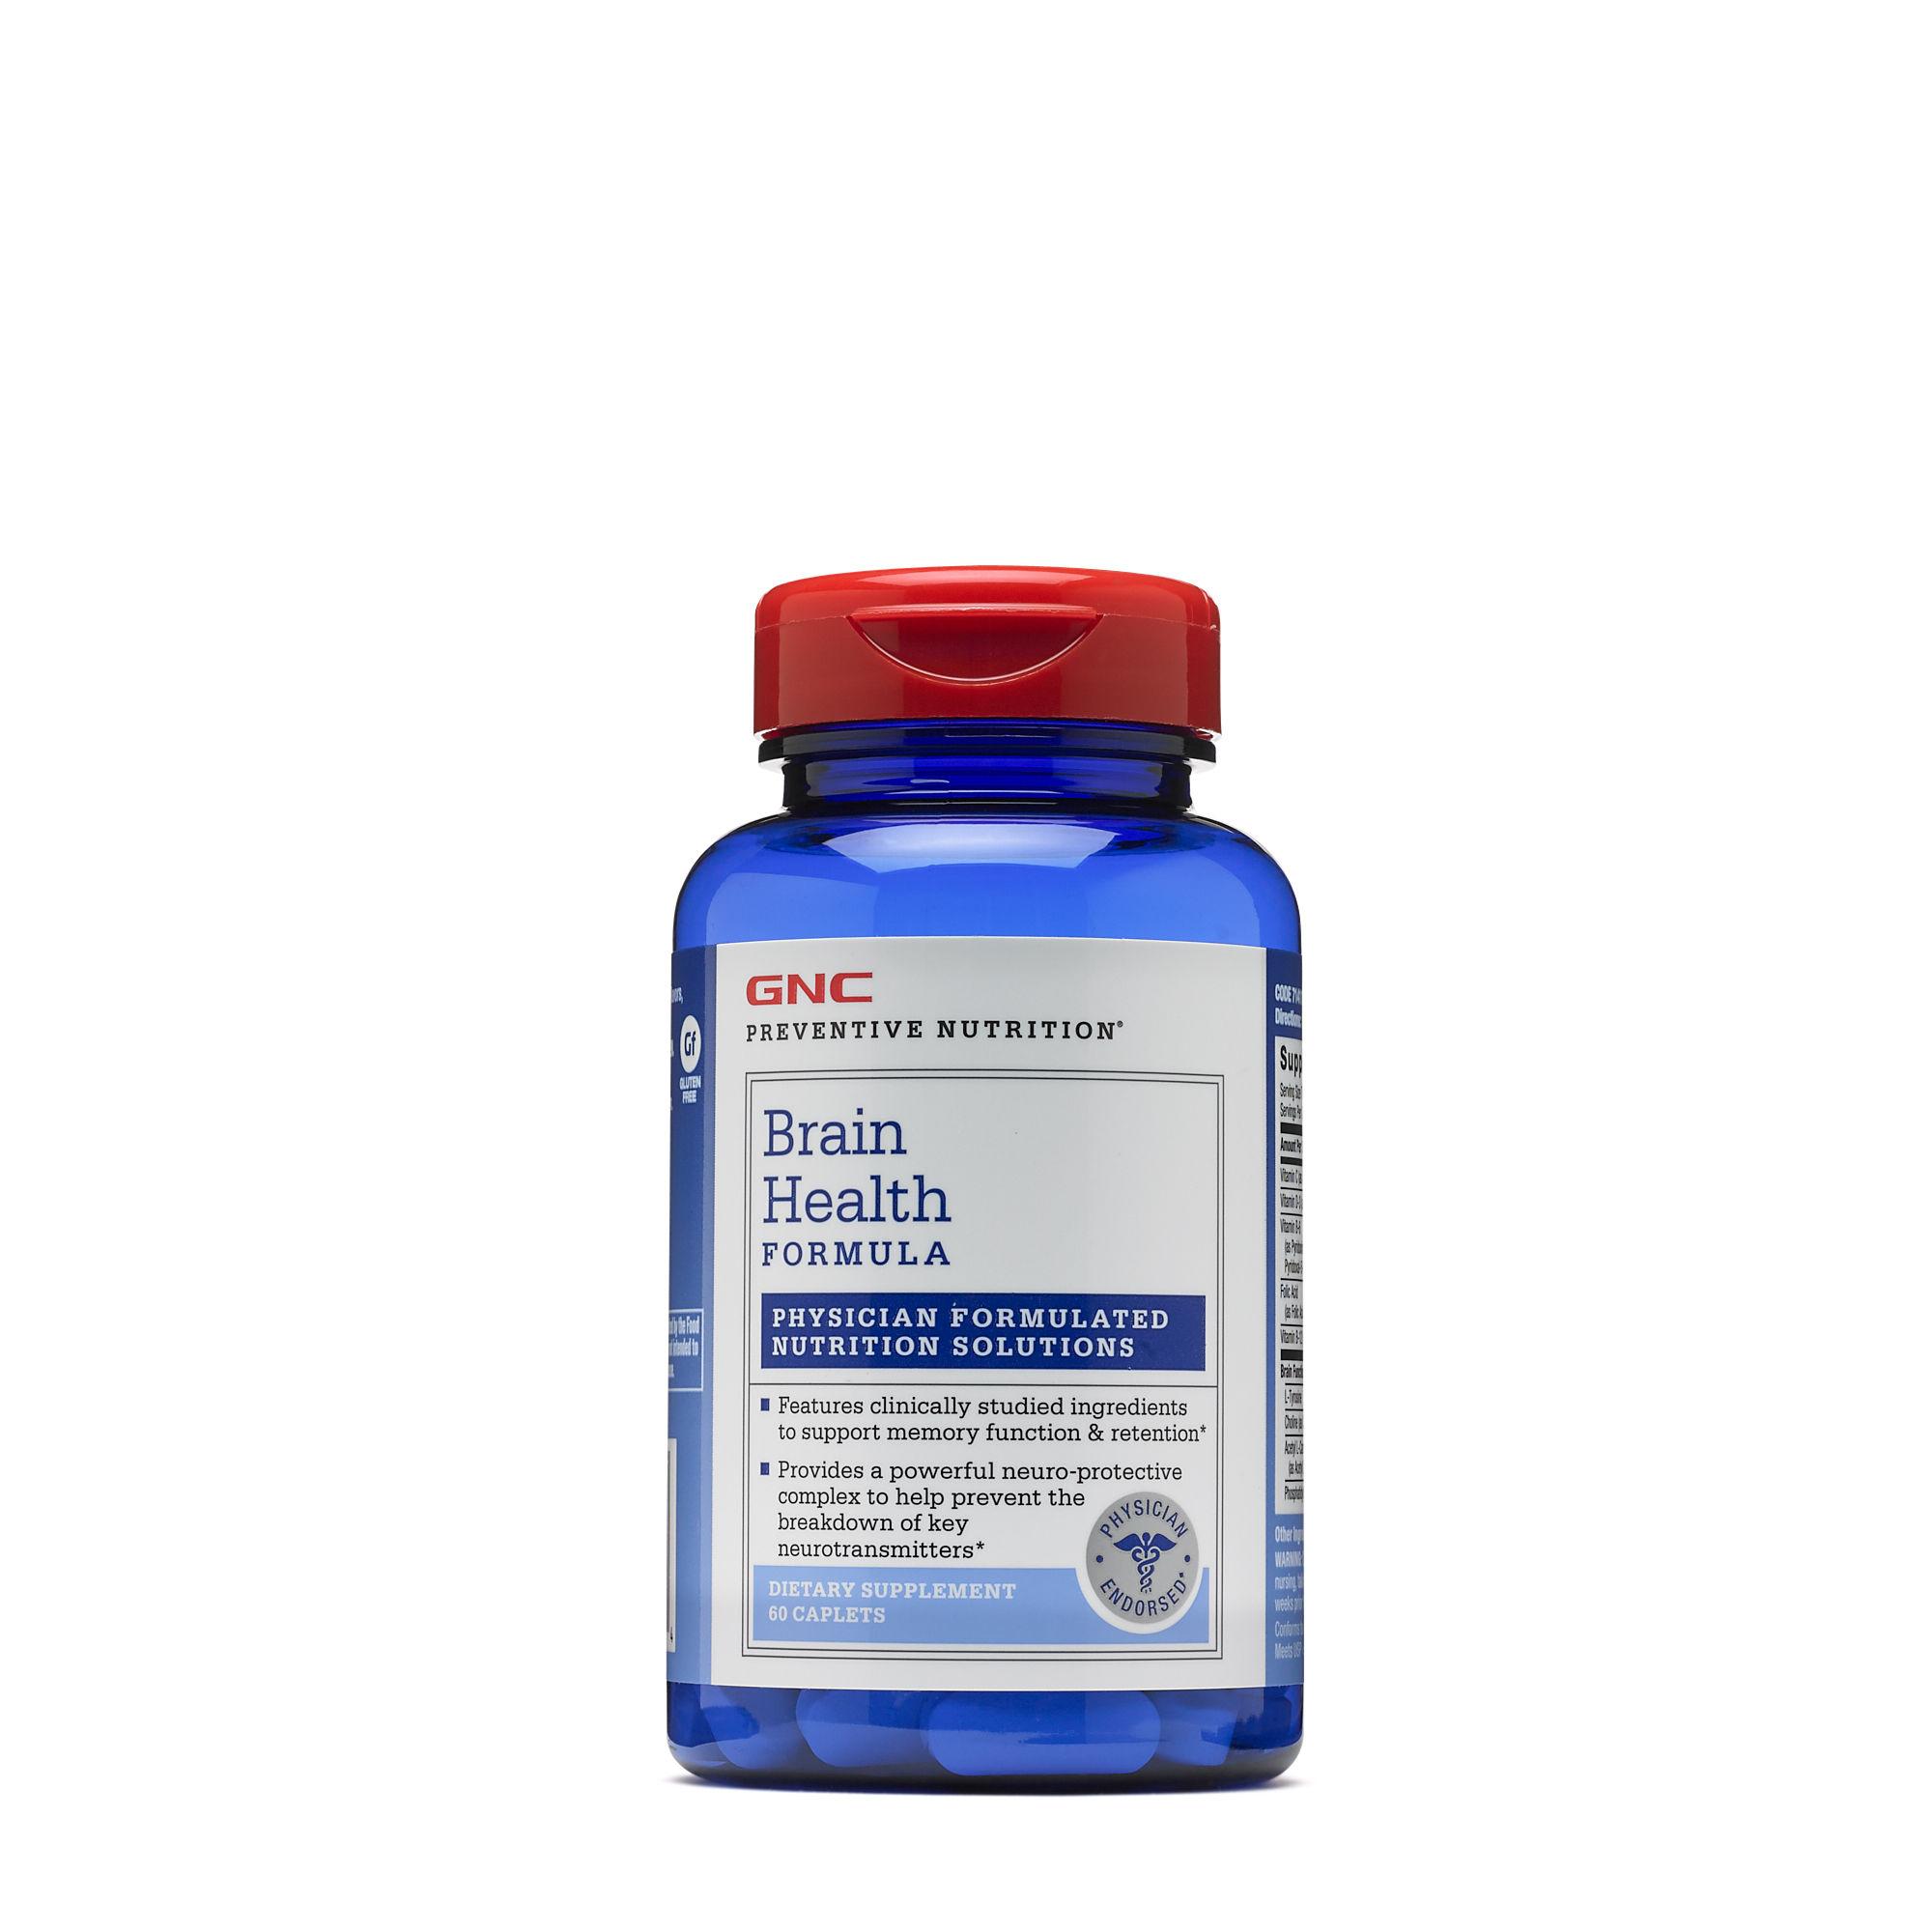 Gnc Preventive Nutrition Brain Health Formula Review It S